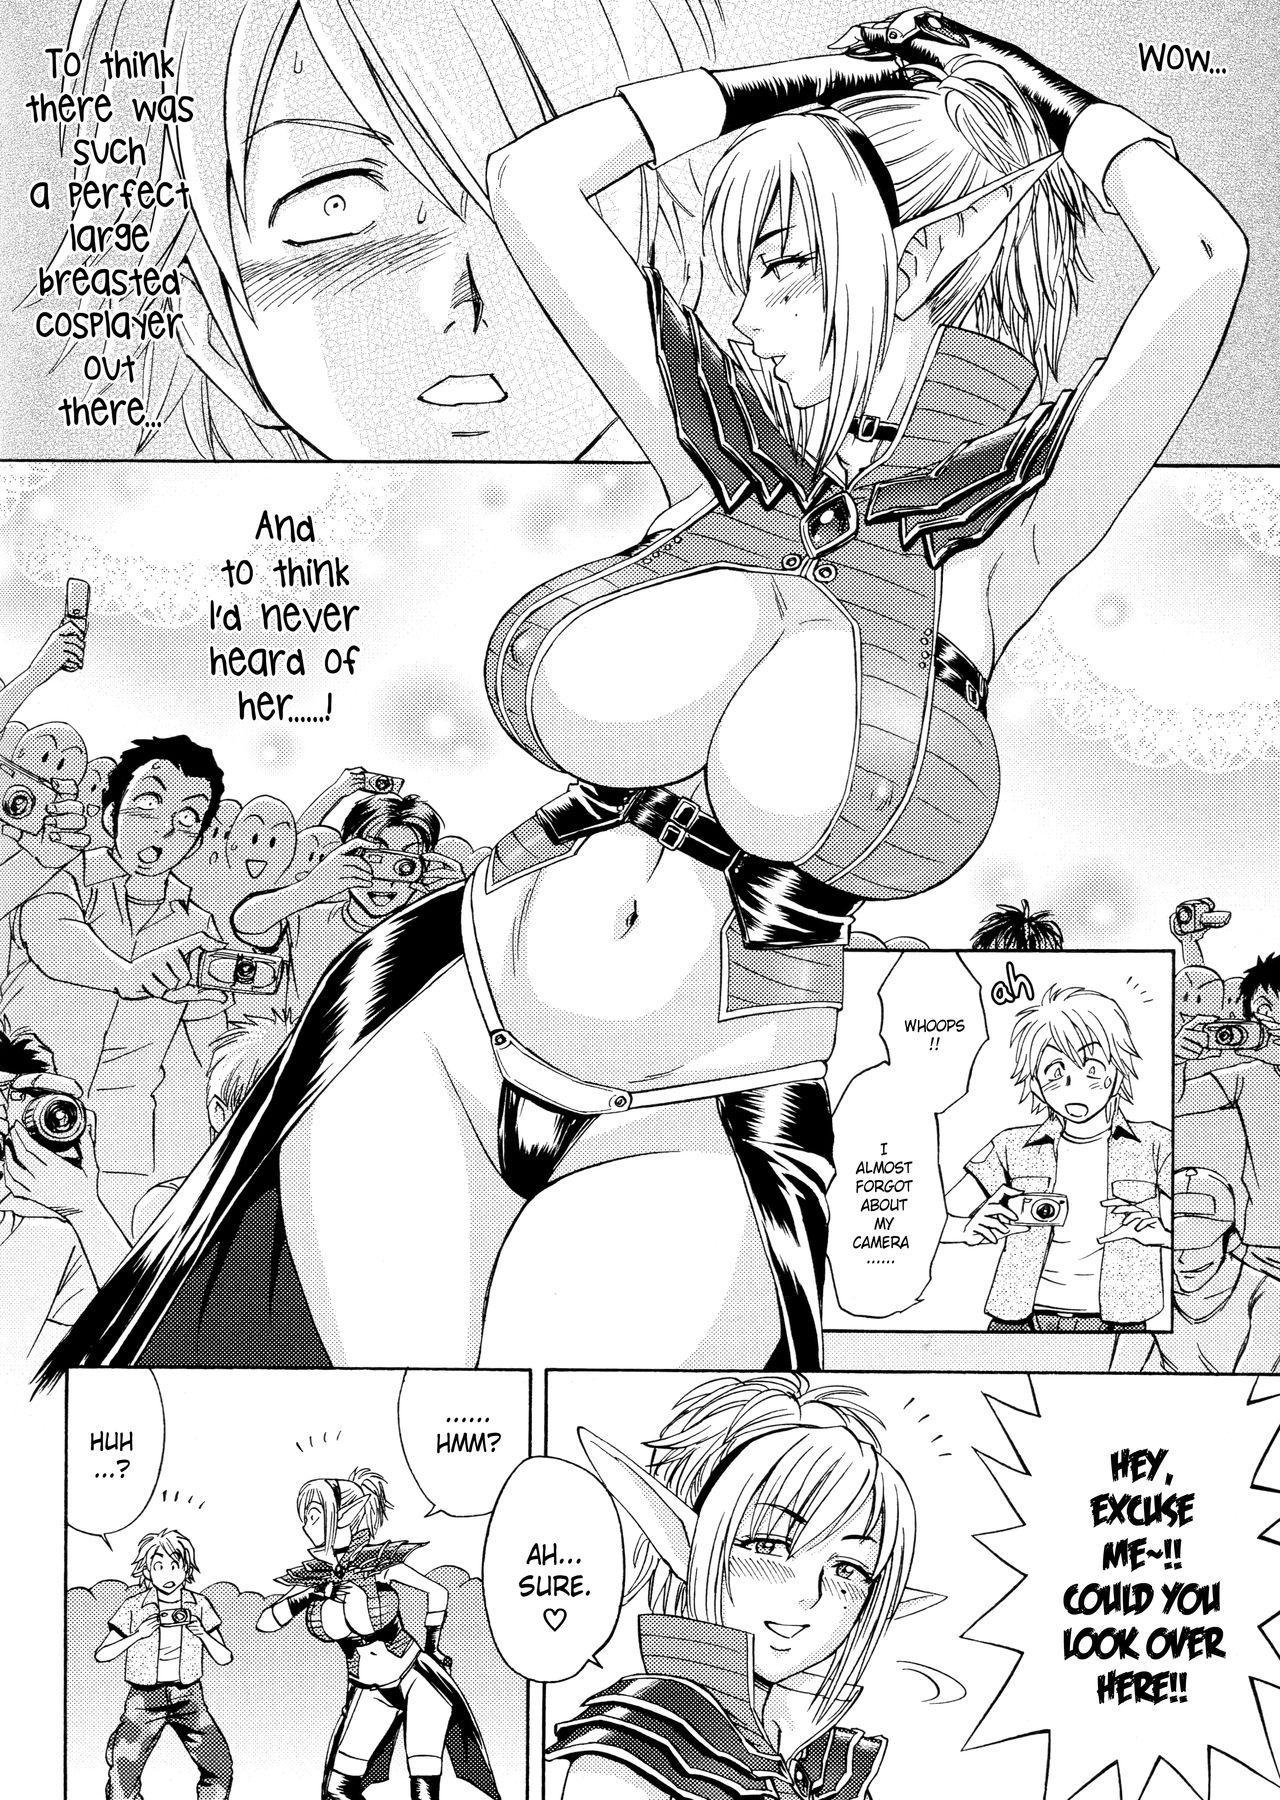 [Tatsunami Youtoku, Yamazaki Masato] Bijin Henshuu-chou no Himitsu | Beautiful Editor-in-Chief's Secret Ch. 1-5 [English] [Forbiddenfetish77, Red Vodka, Crystalium] [Decensored] 9